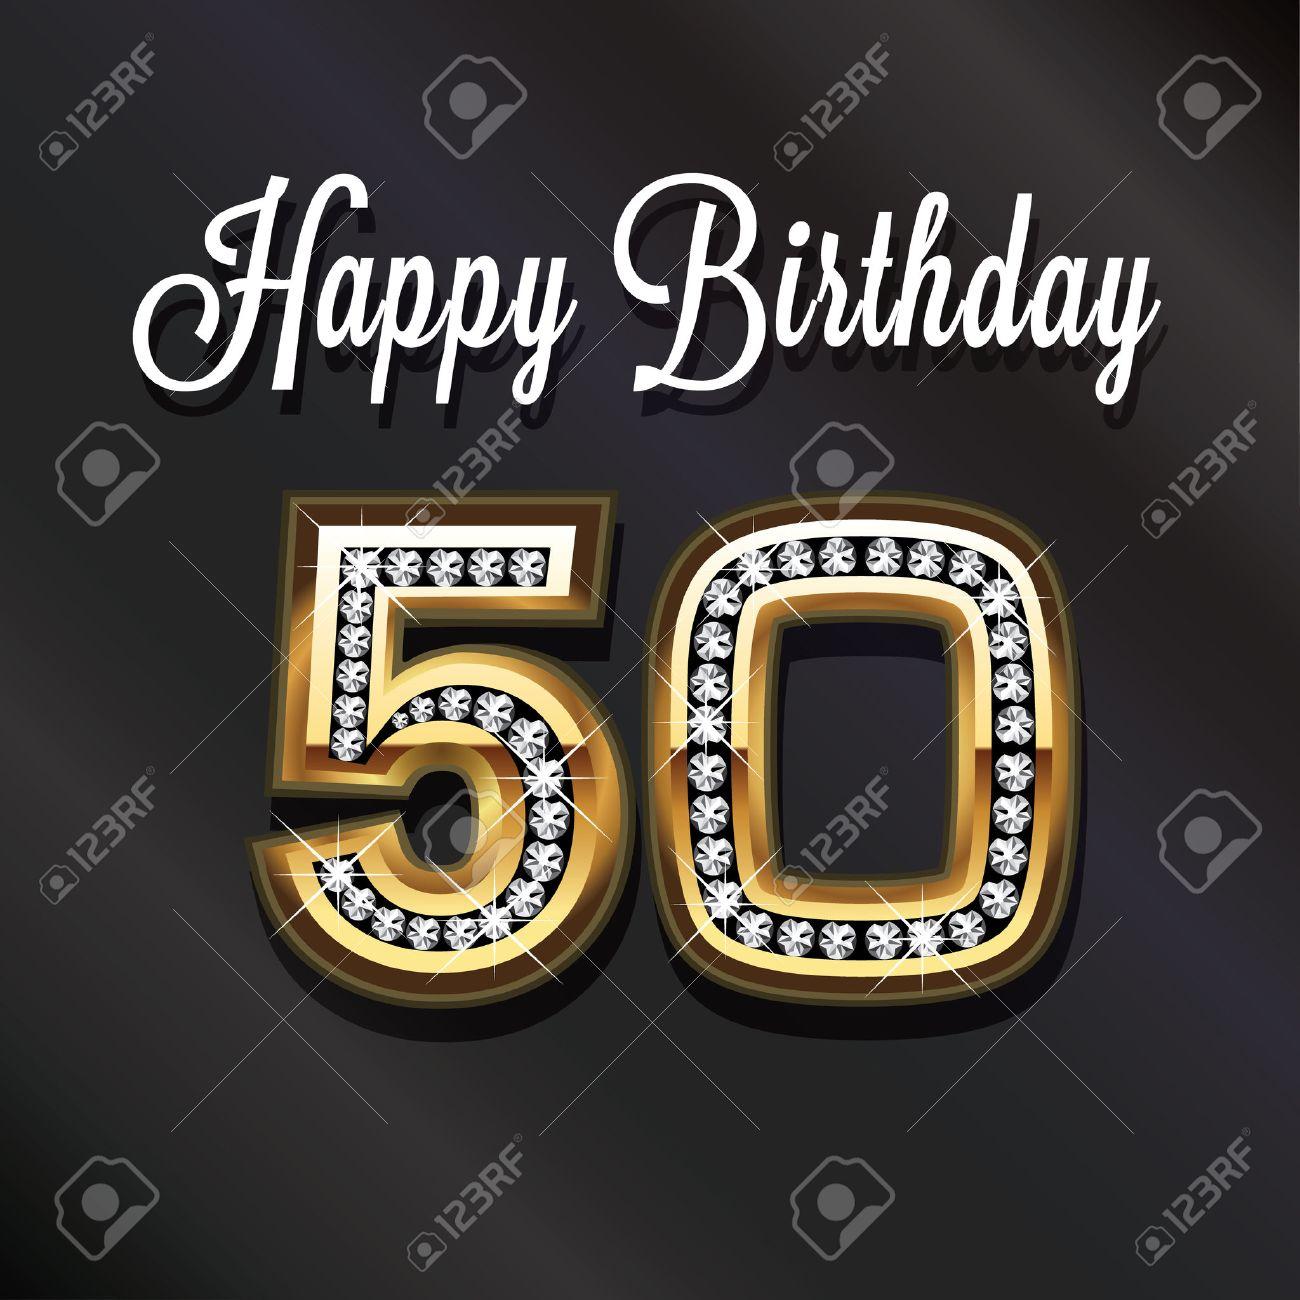 Immagini Stock 50 Buon Anniversario Compleanno Biglietto Di